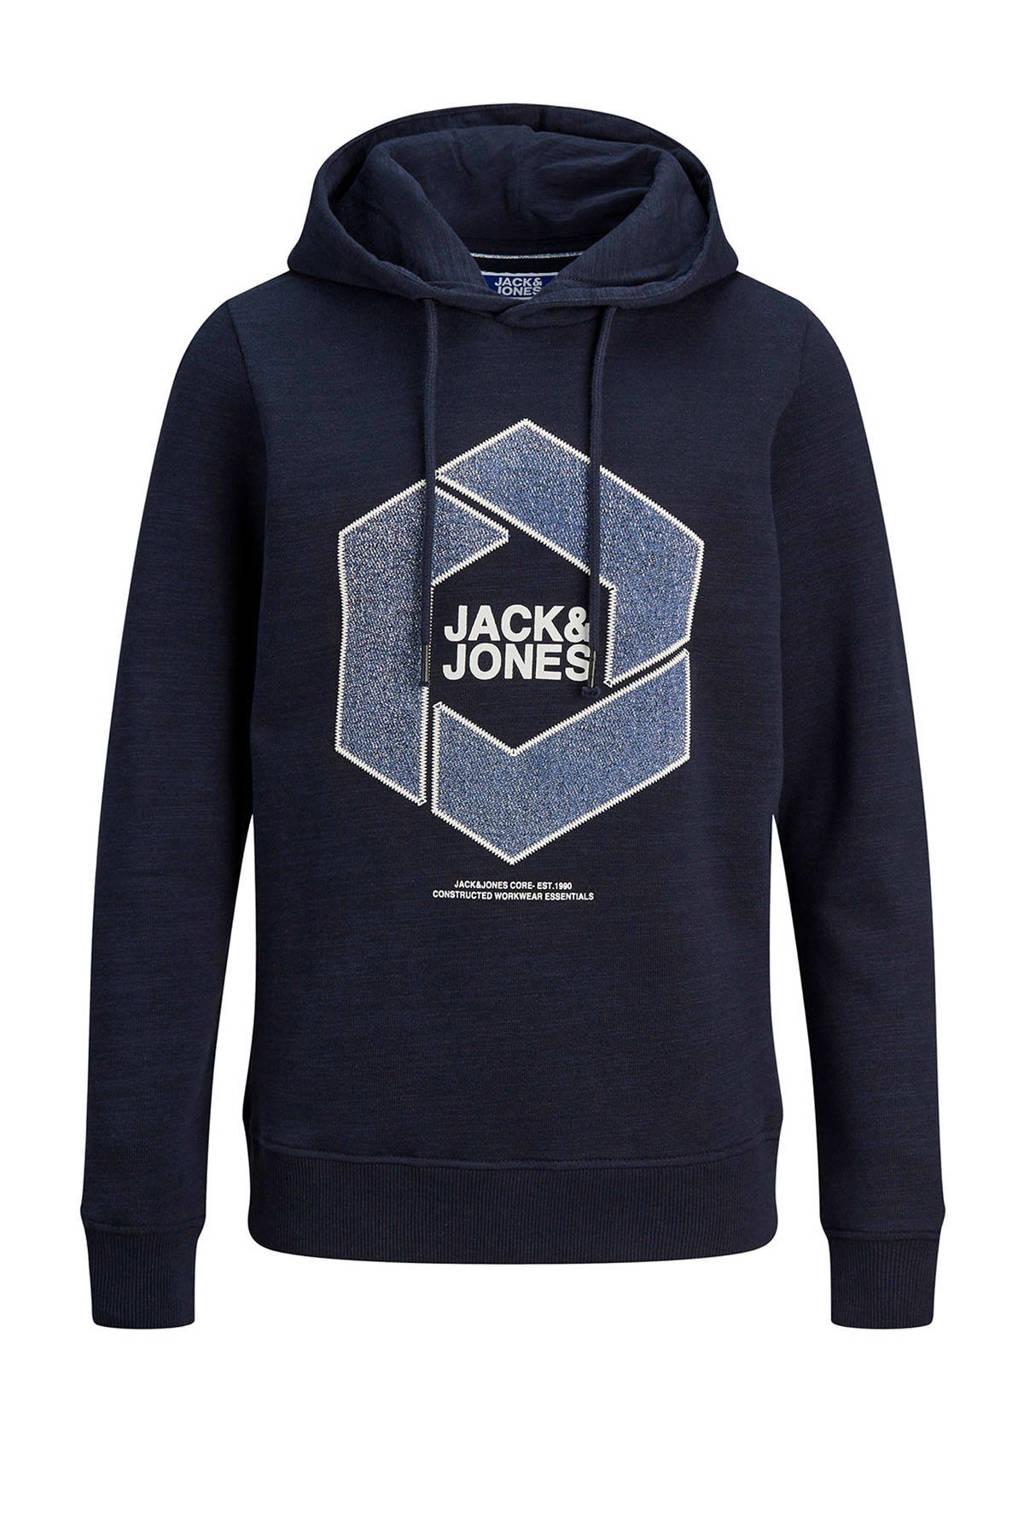 JACK & JONES JUNIOR hoodie Tube met logo donkerblauw/blauw/wit, Donkerblauw/blauw/wit